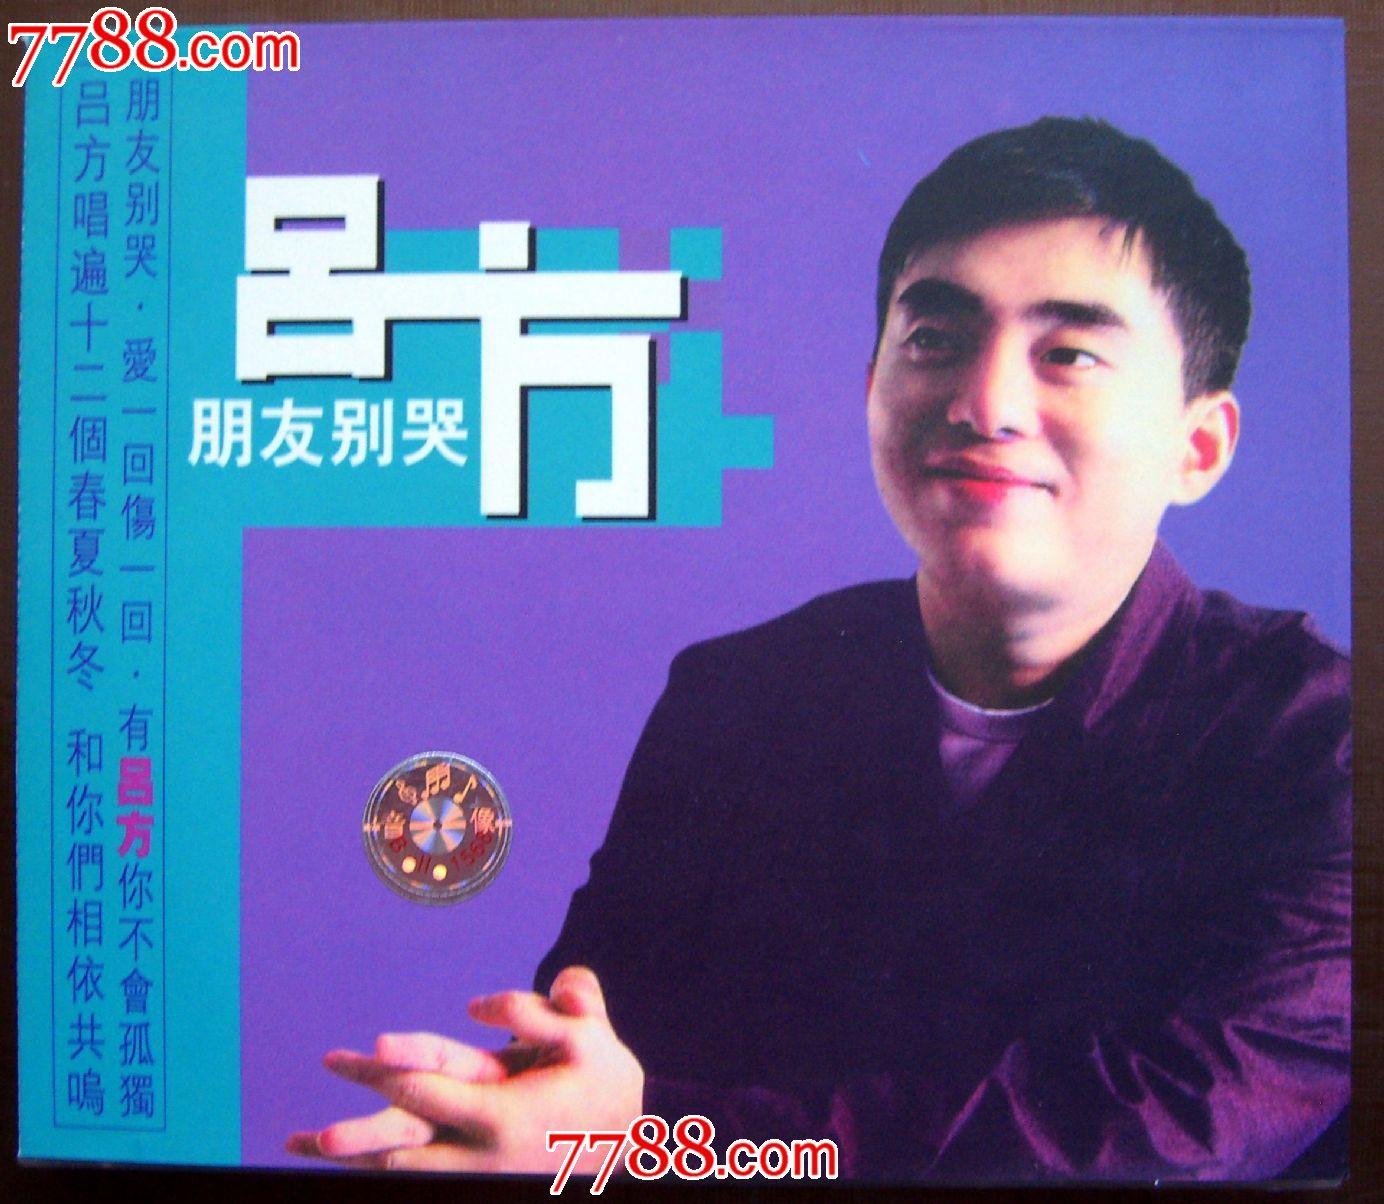 吕方(朋友别哭)-雅风唱片提供版权--成都音像出版社发行